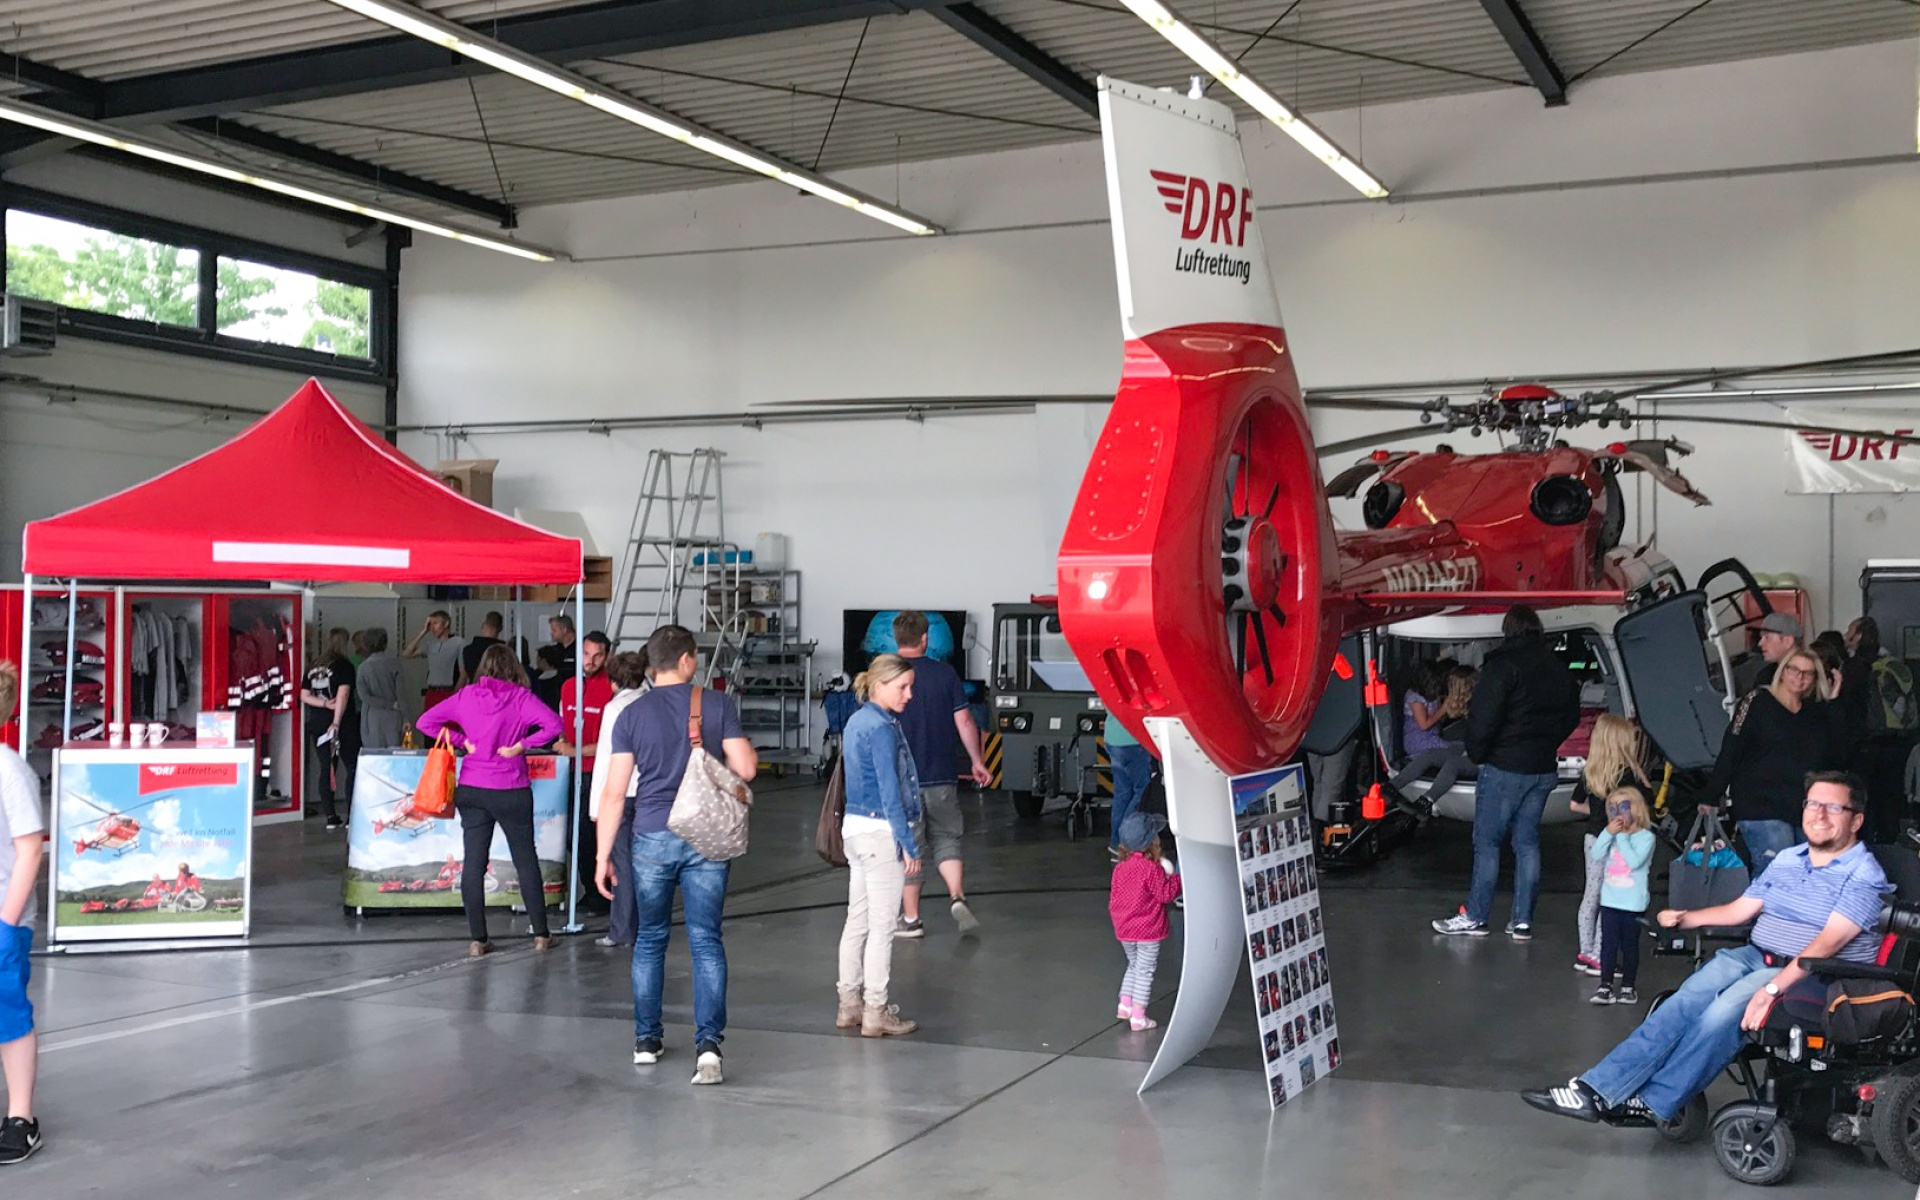 Im Hangar konnte fanden die Besucher u. a. einen Hubschrauber zum Besichtigen sowie den Informationsstand und den Shop des Fördervereins DRF e.V.